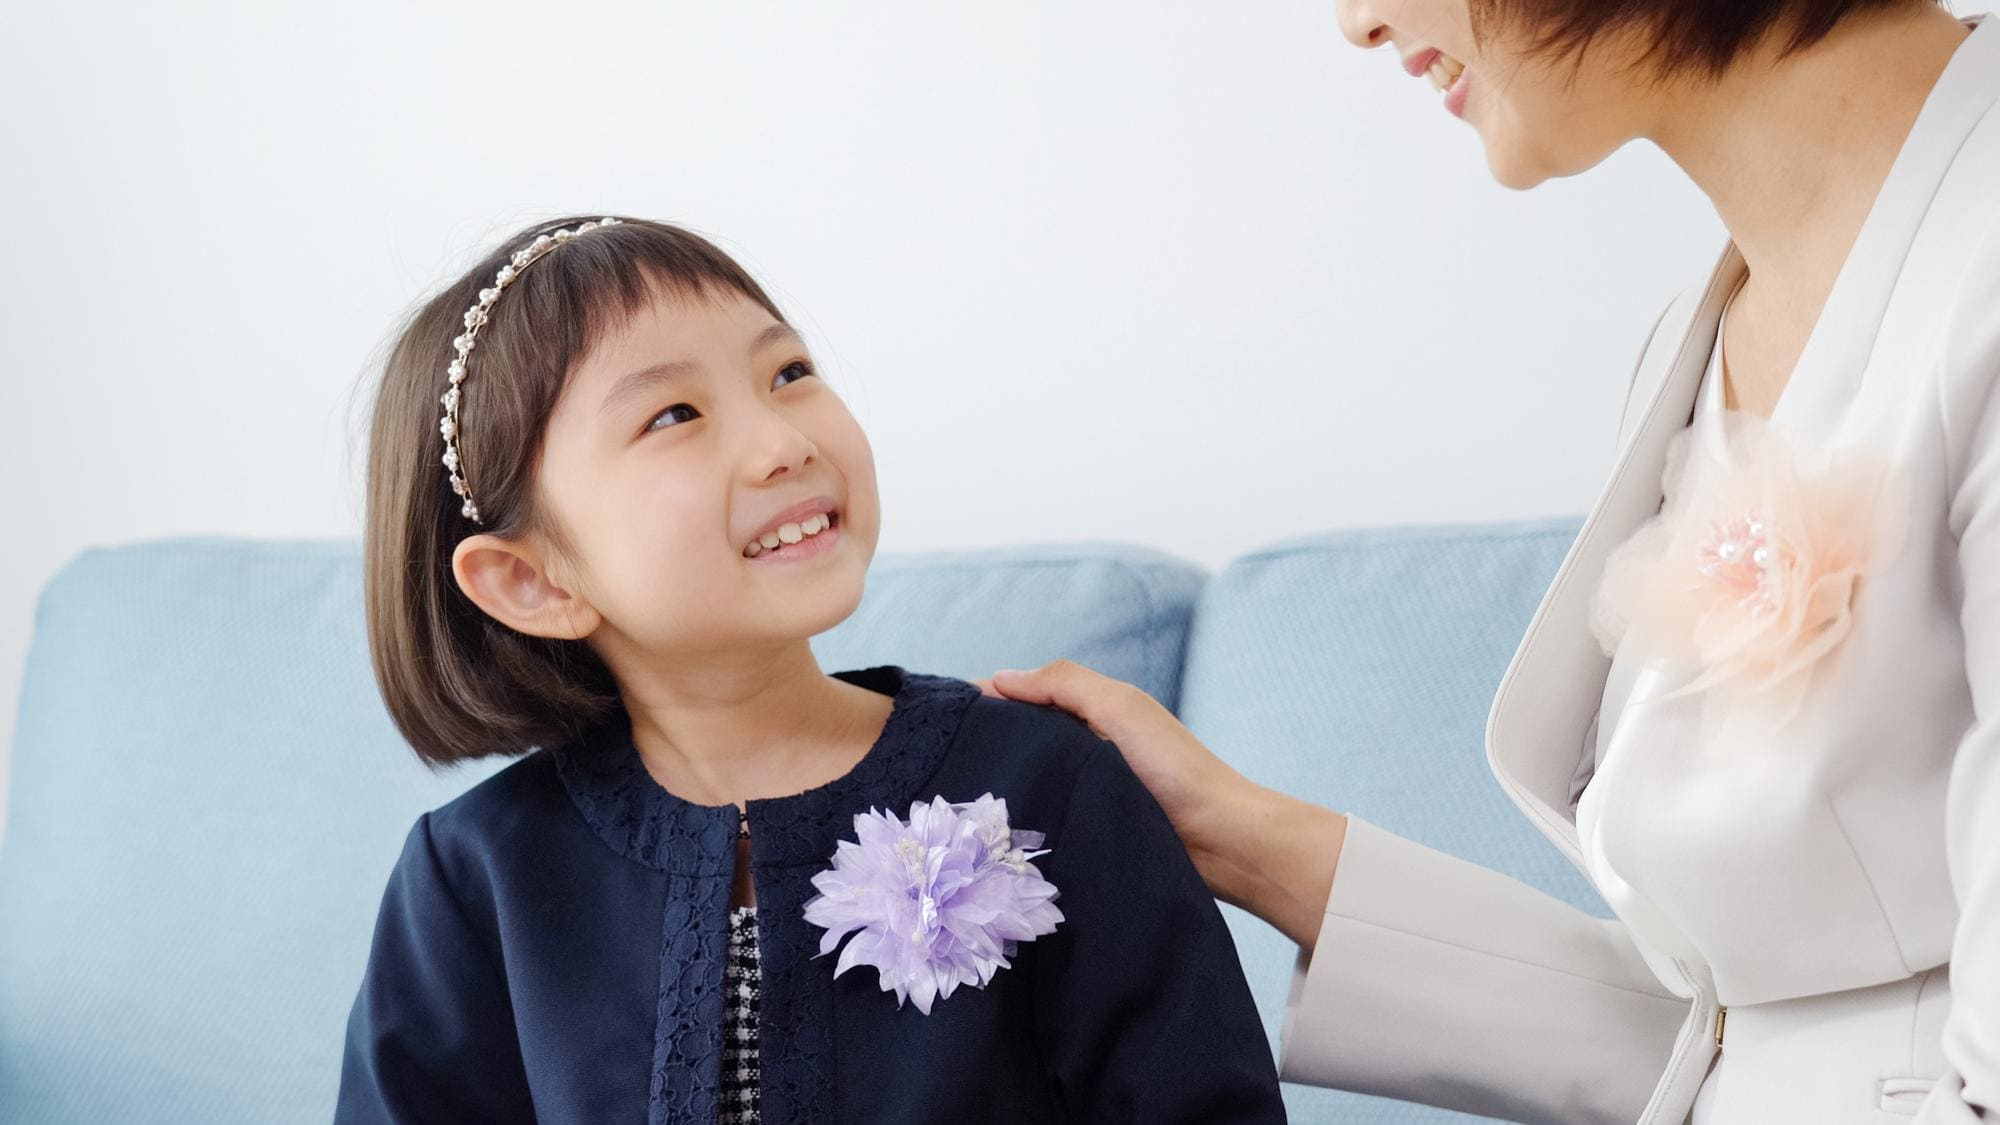 小学校入学式の子供服の選び方。男の子・女の子おすすめの服装も解説!